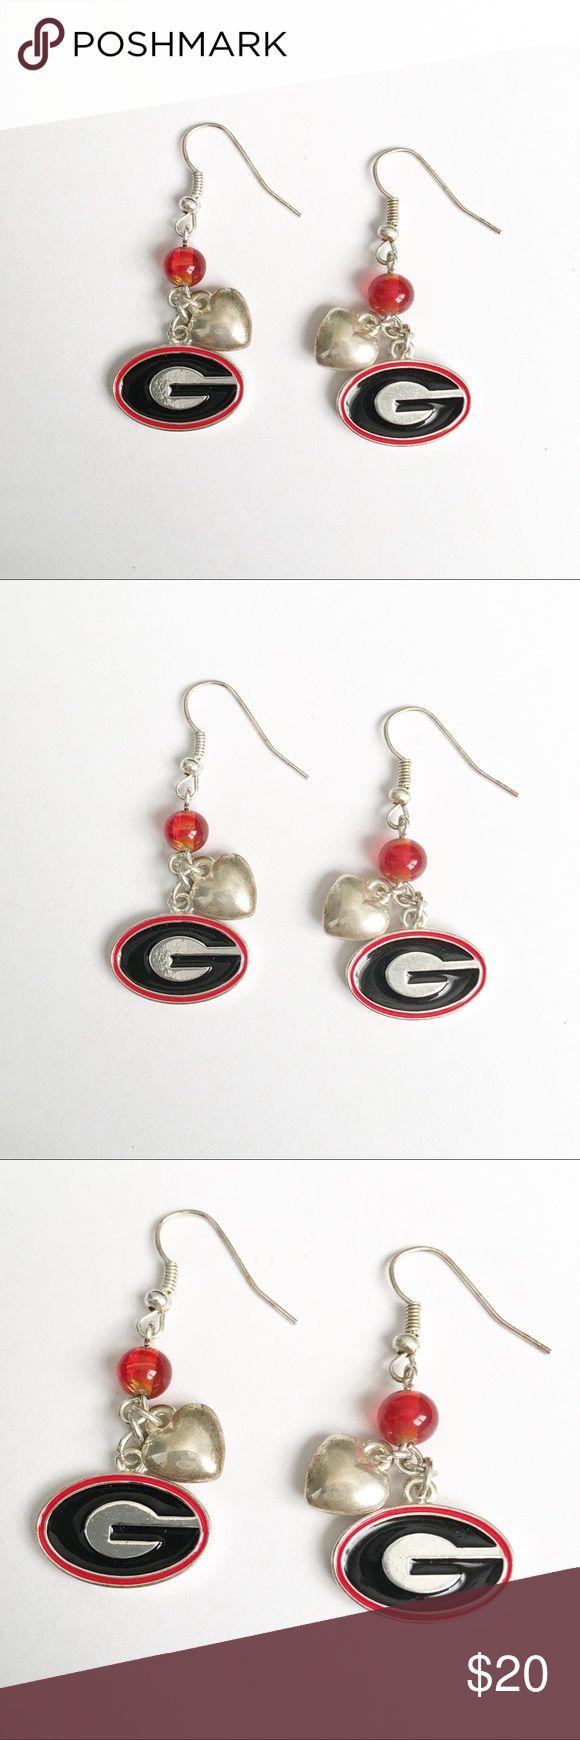 Georgia bulldogs earrings UGA Georgia Bulldogs Earrings Jewelry Earrings